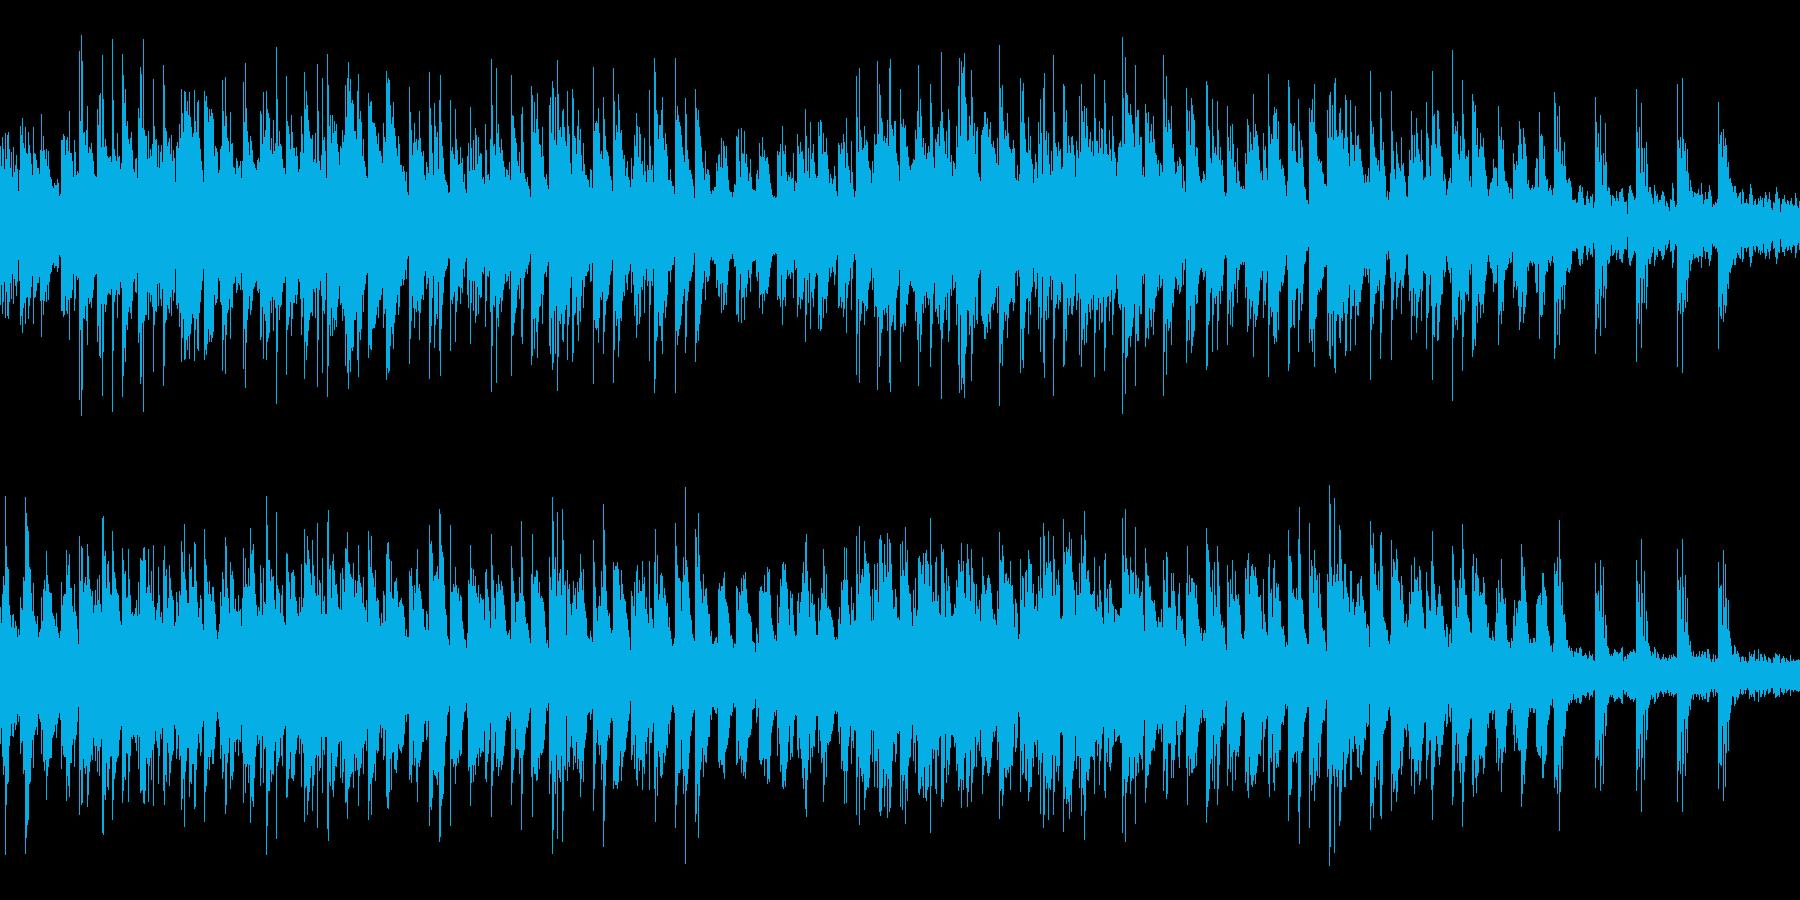 ループ 癒やしのピアノ 快眠 ヒーリングの再生済みの波形